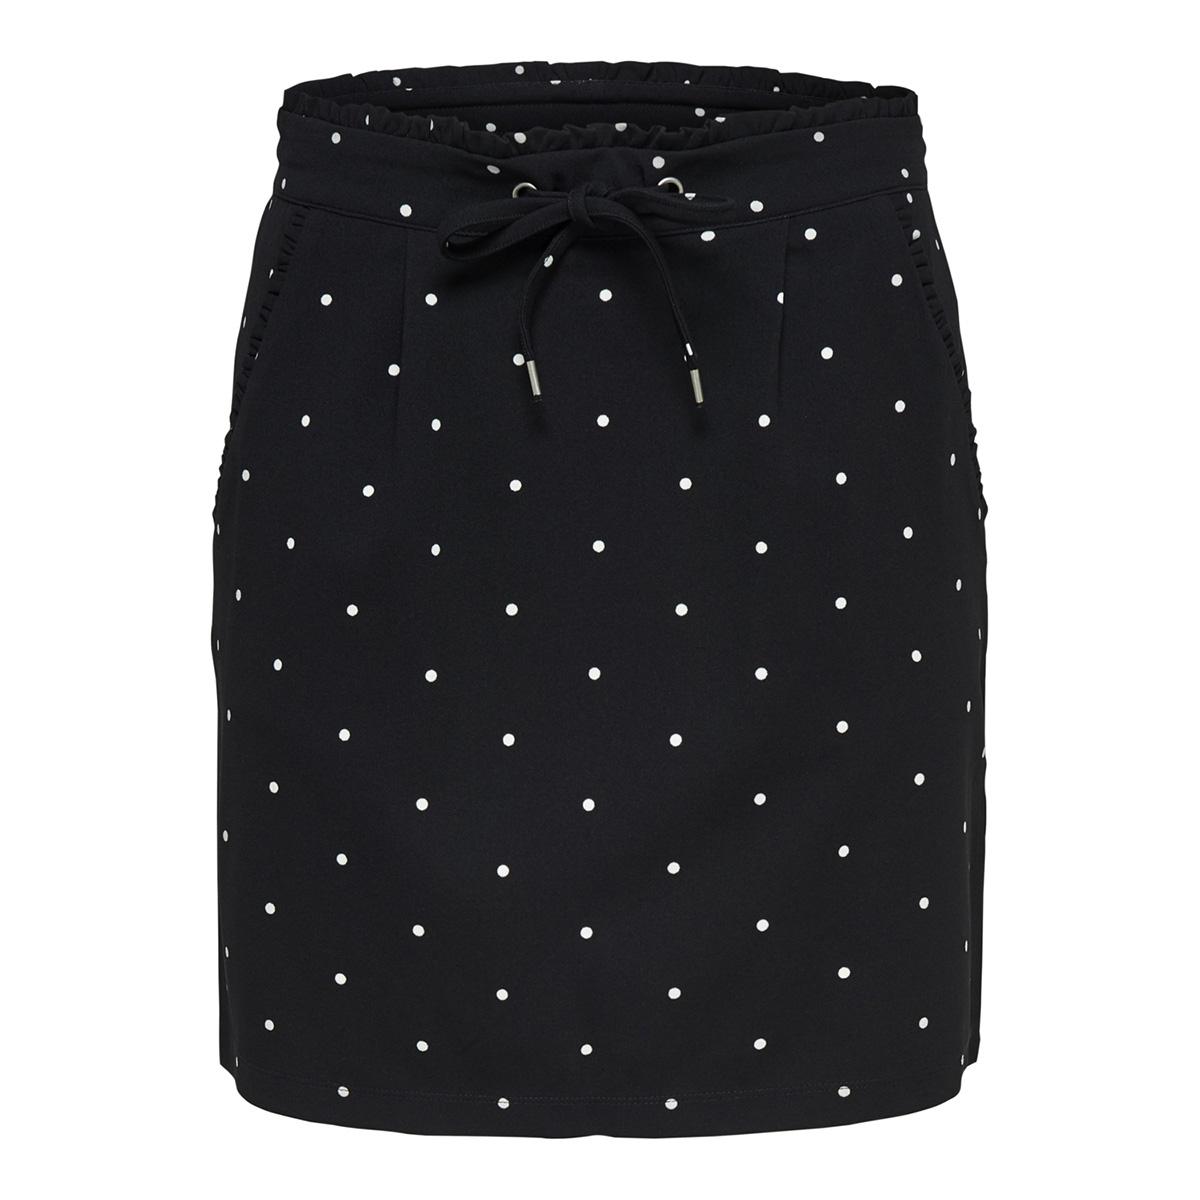 jdycatia treats aop skirt jrs 15177203 jacqueline de yong rok black/few dots